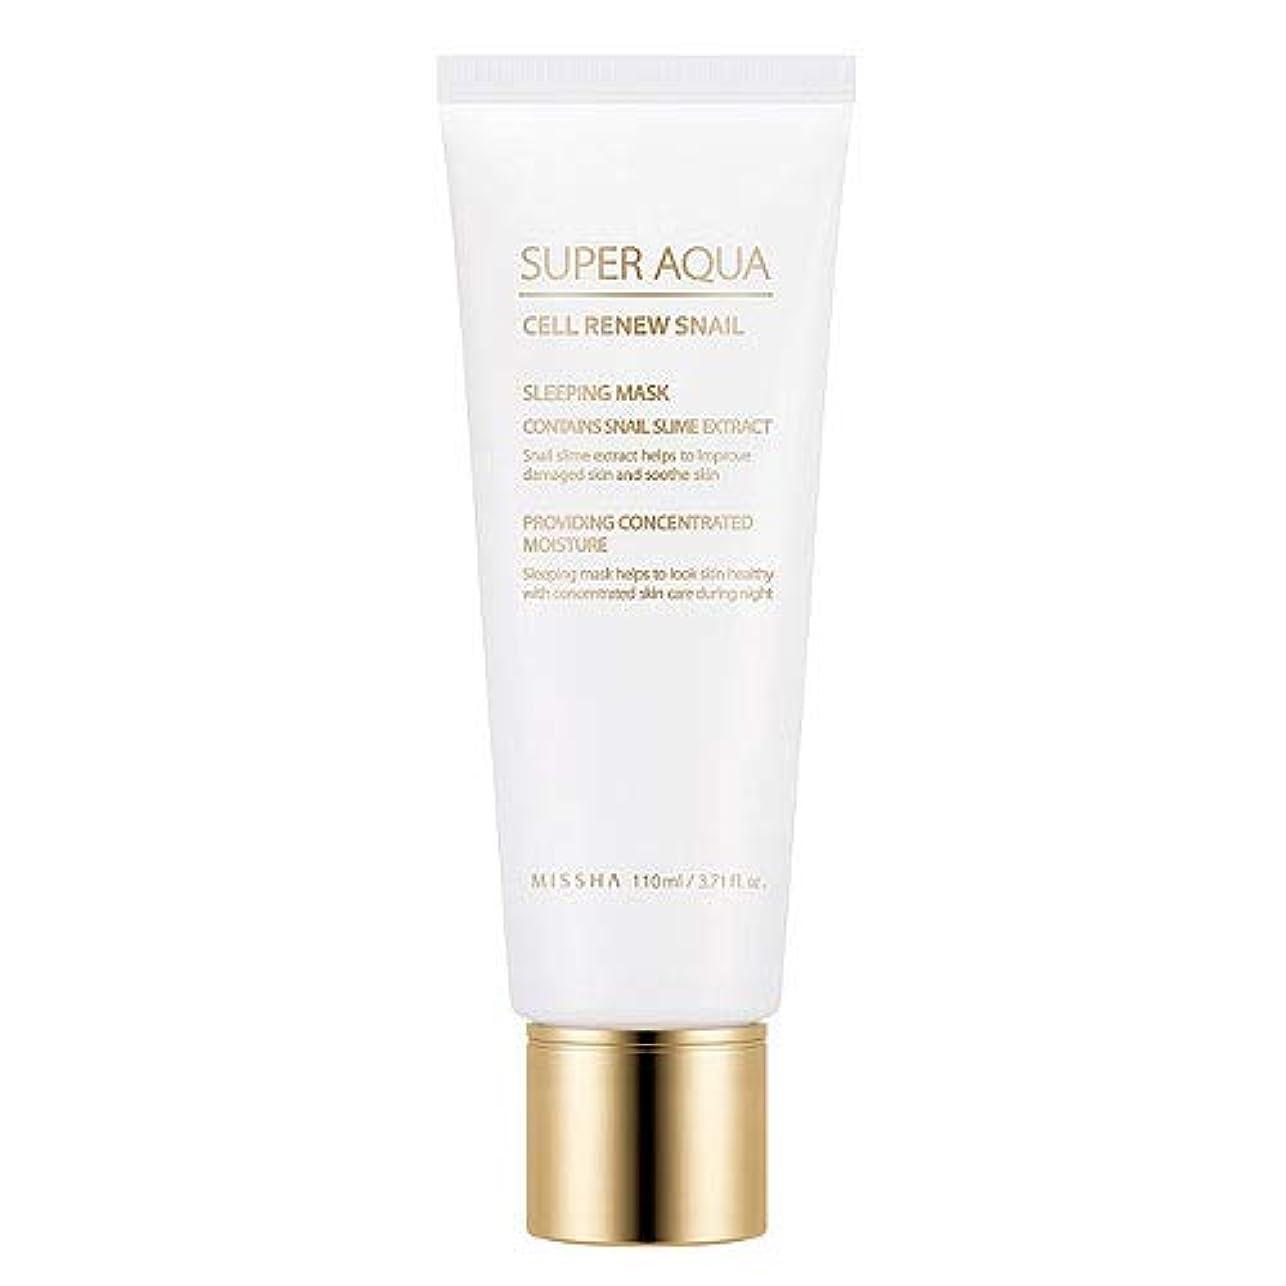 コントラストために療法[RENEWAL] Missha Super Aqua Cell Renew Snail Sleeping Mask 110ml /ミシャ スーパーアクアセルリニュースネイルスリーピングマスク (カタツムリ) [並行輸入品]